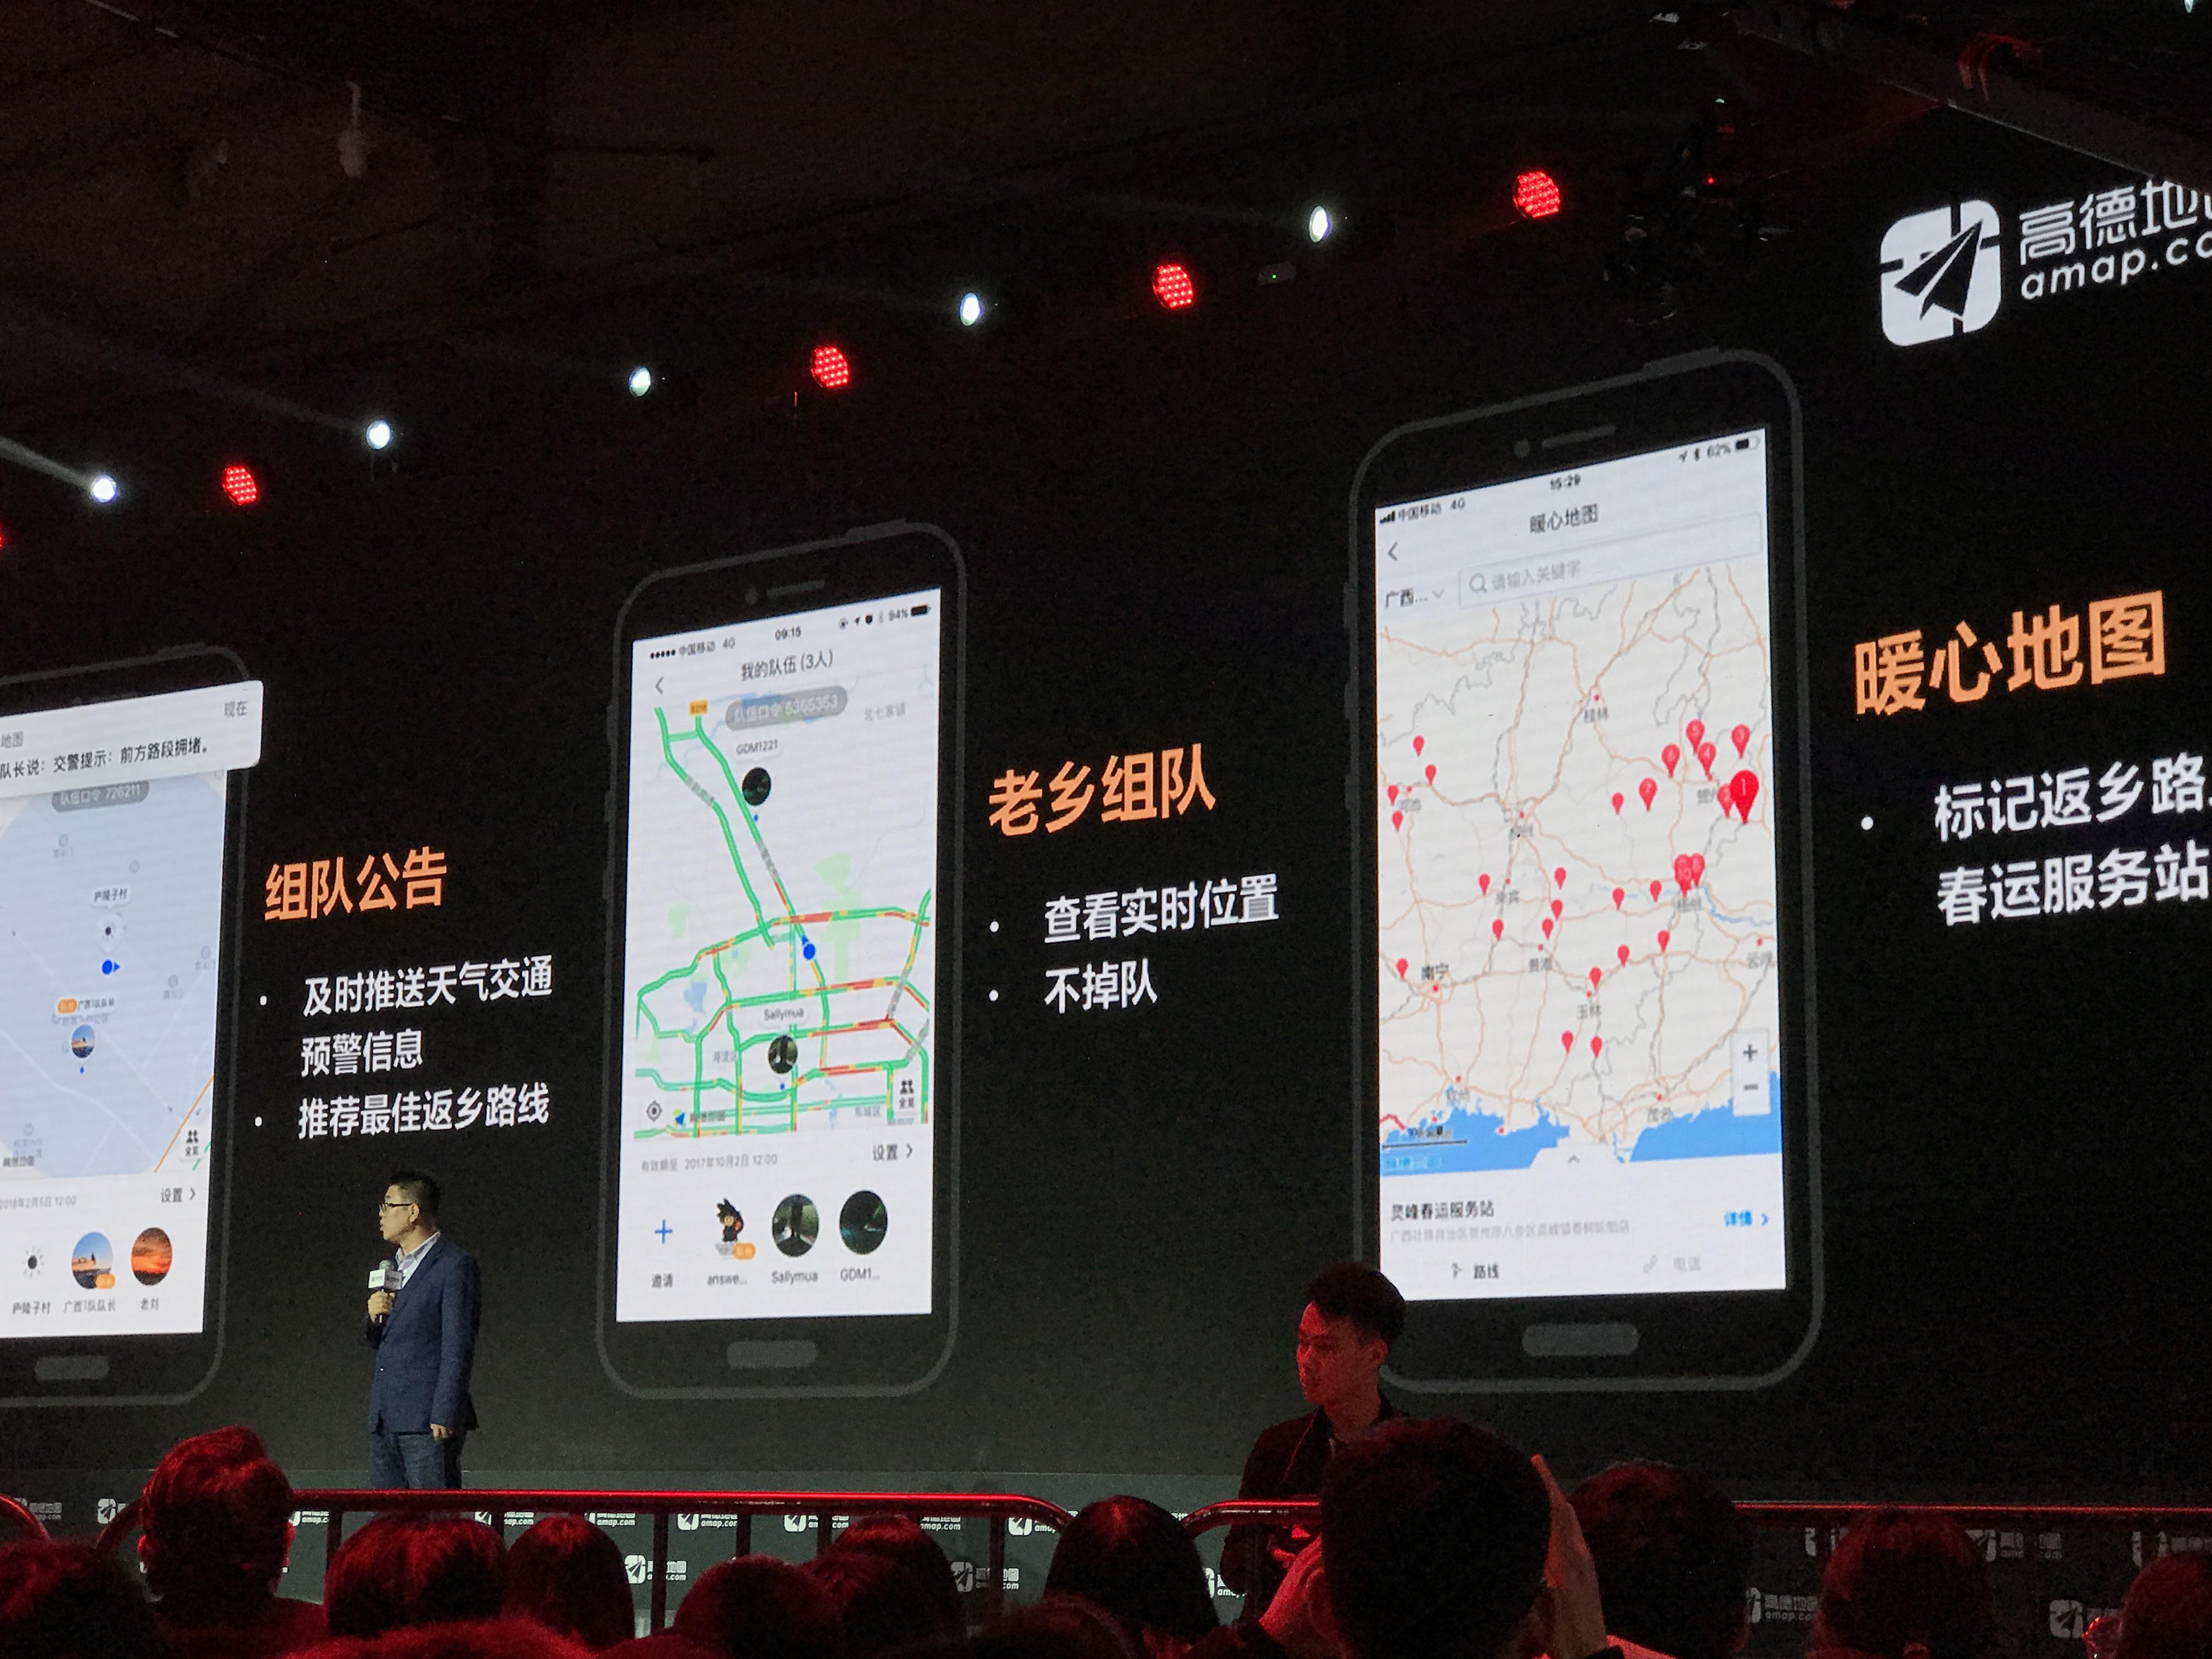 高德发布团圆计划助用户顺利返乡 黄晓明语音包上线